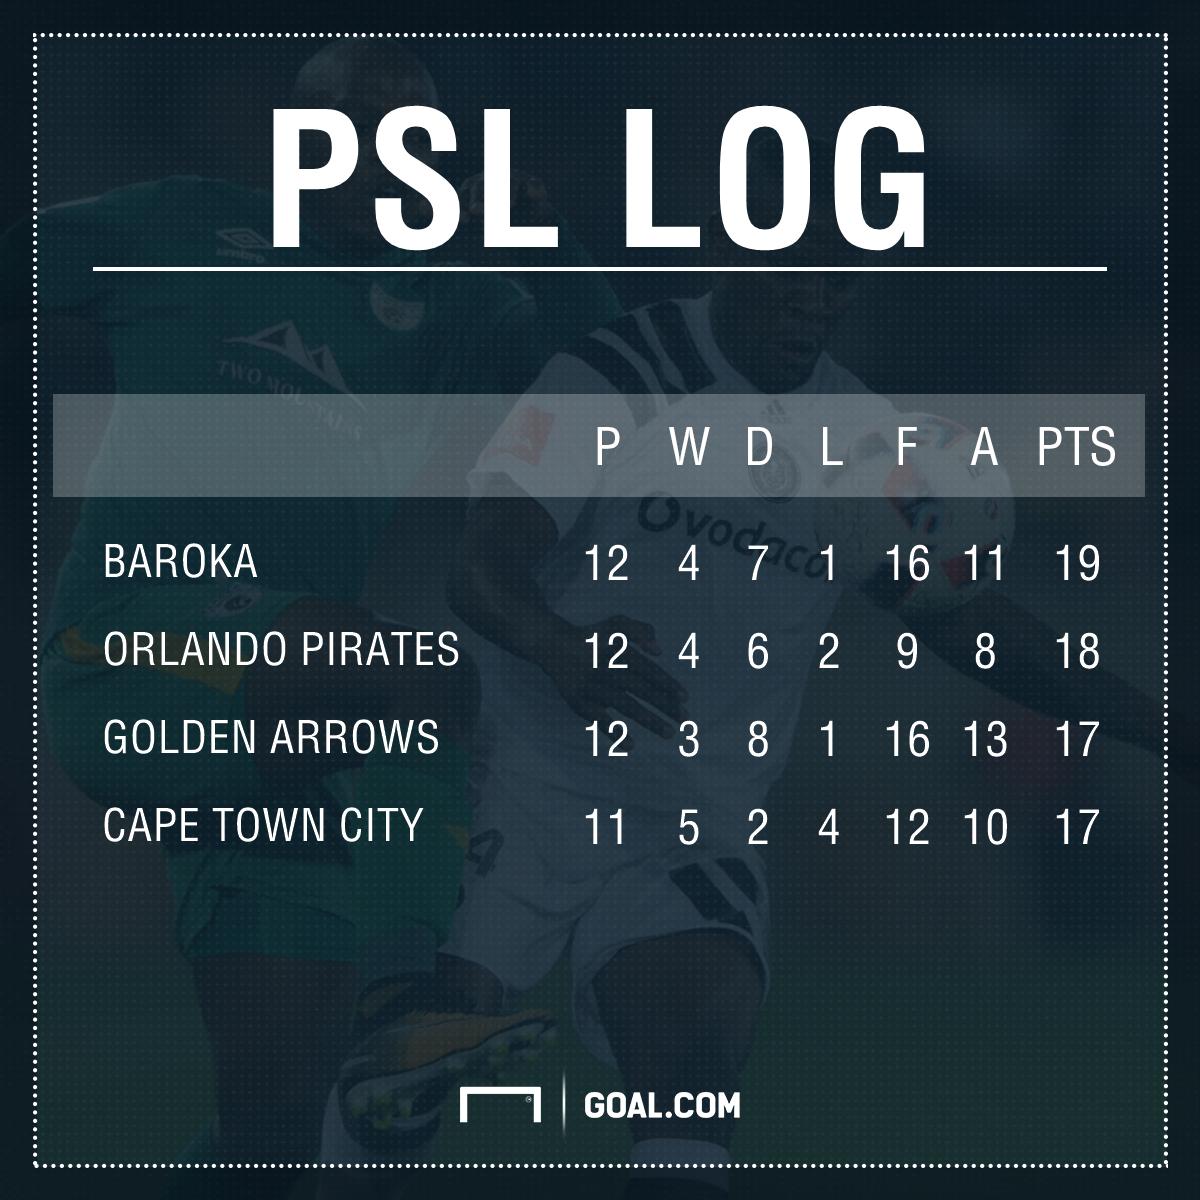 PSL log